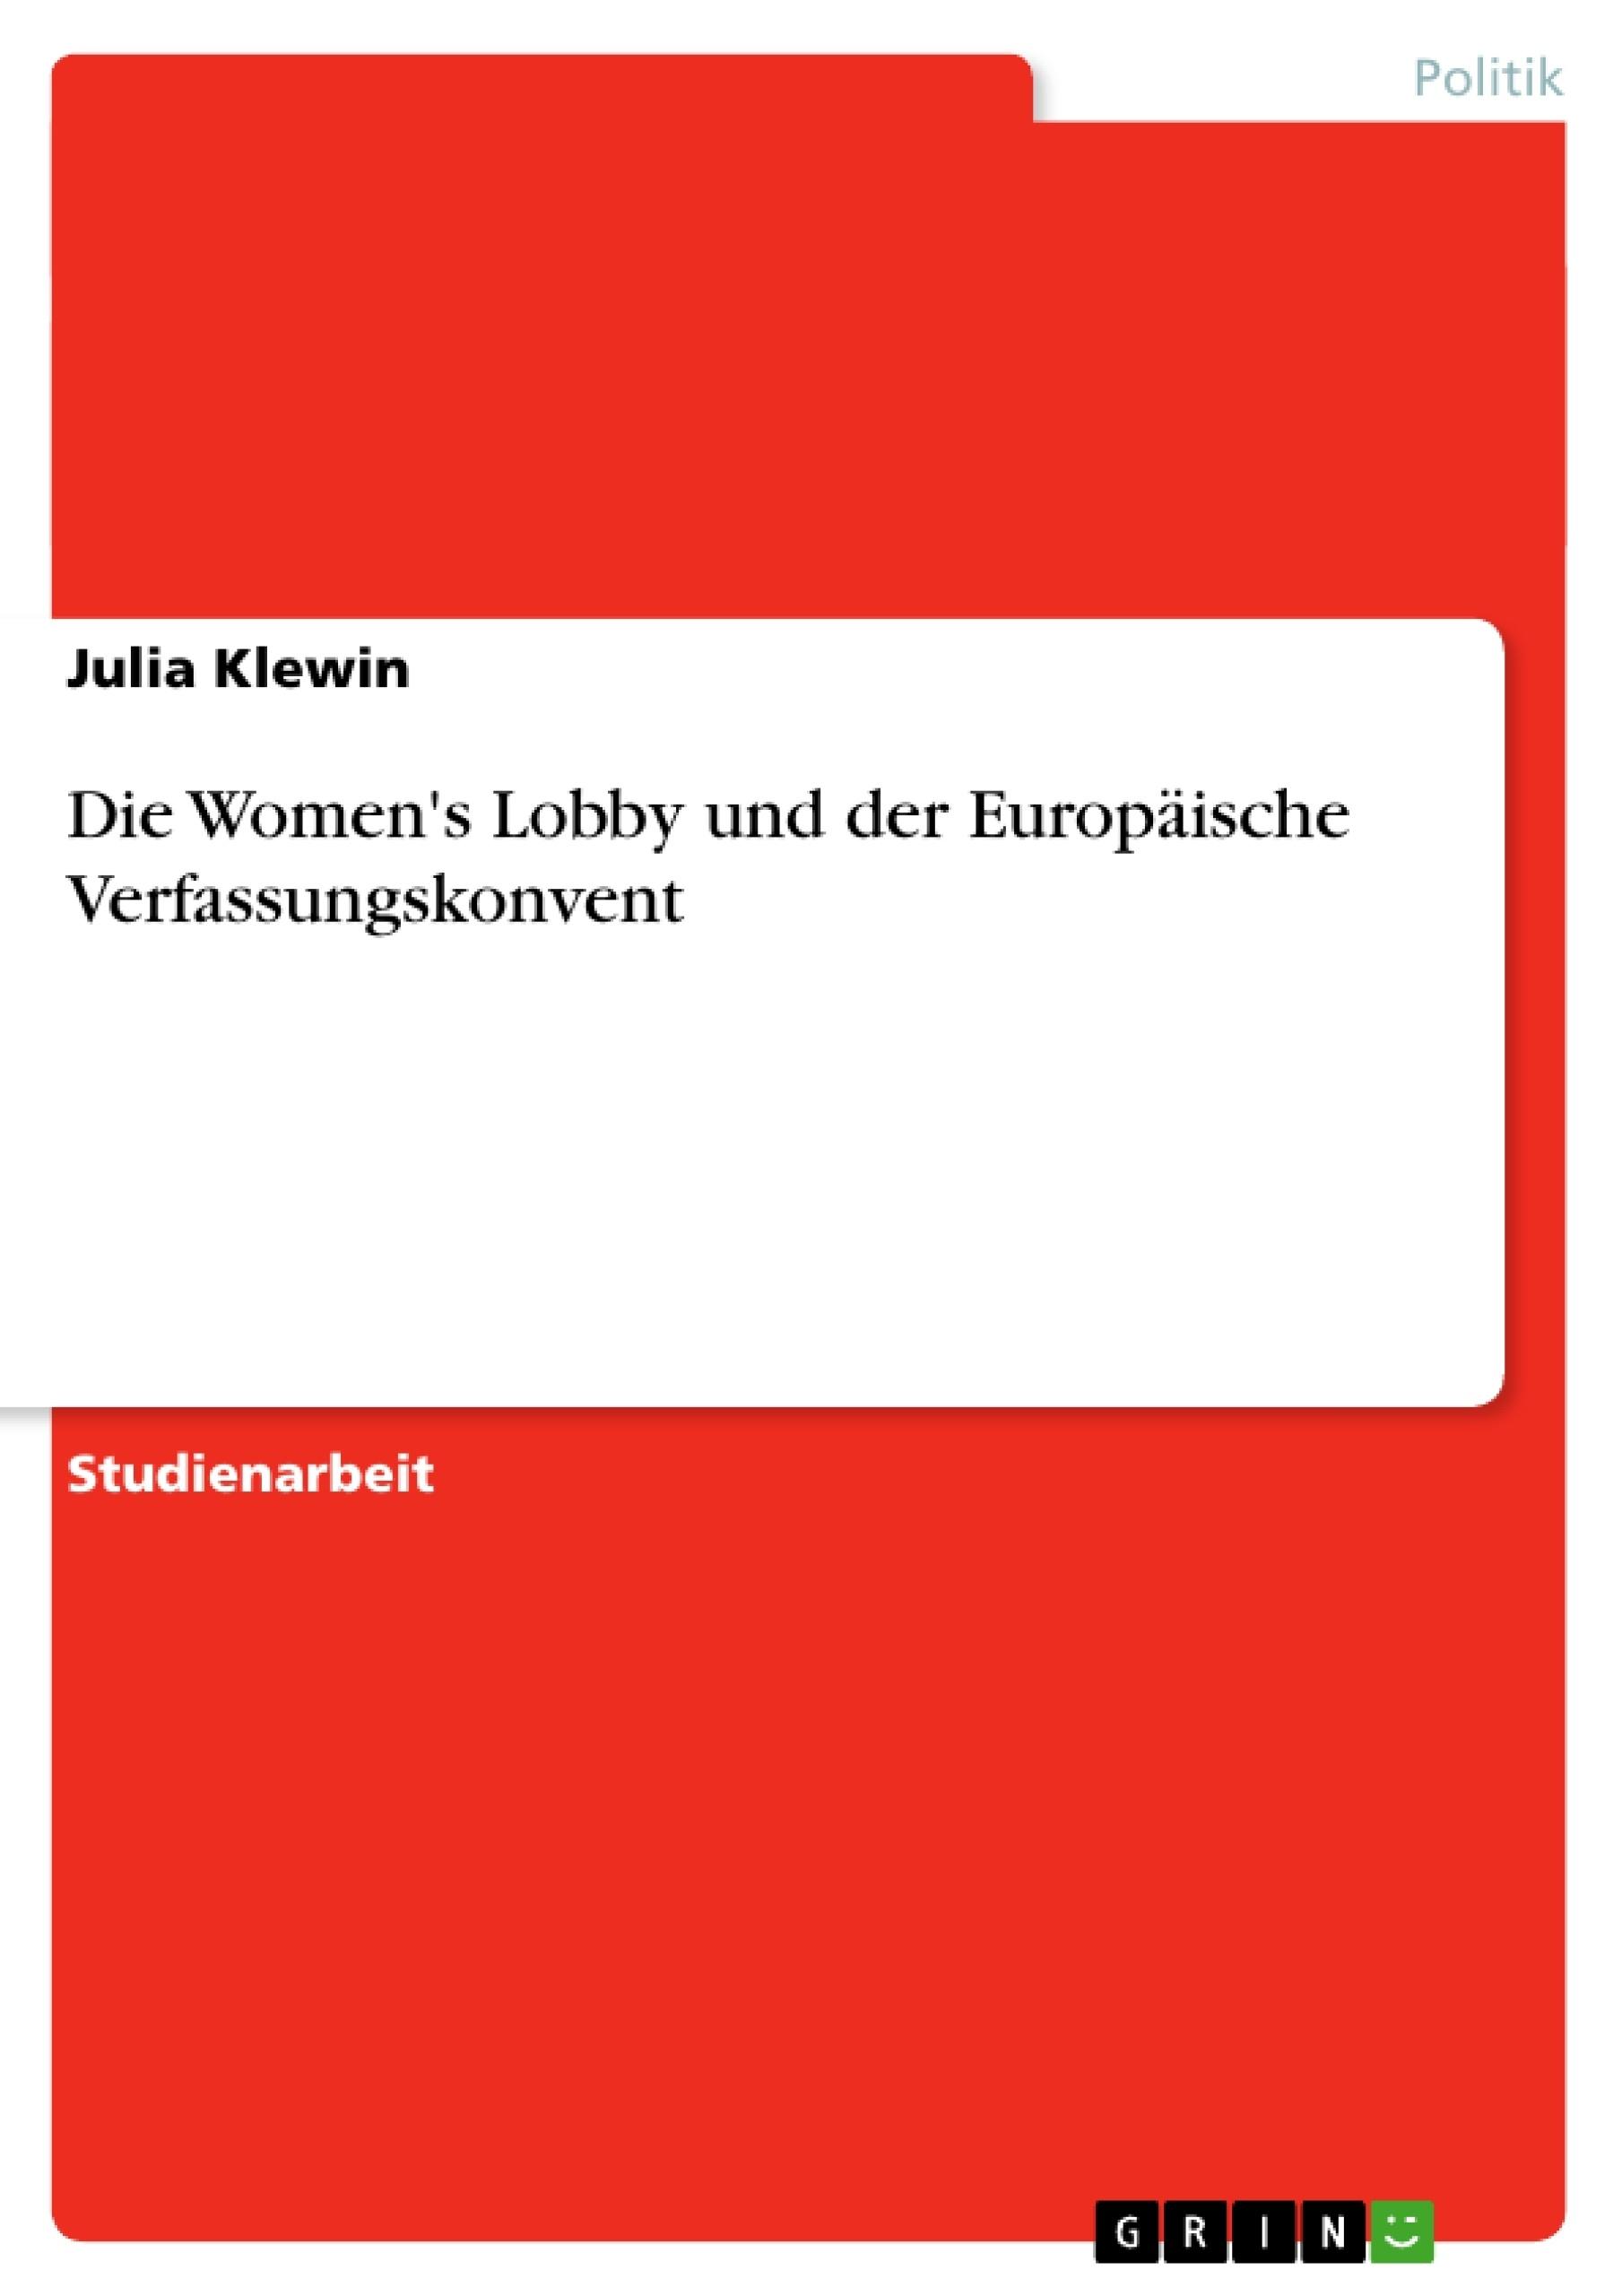 Titel: Die Women's Lobby und der Europäische Verfassungskonvent